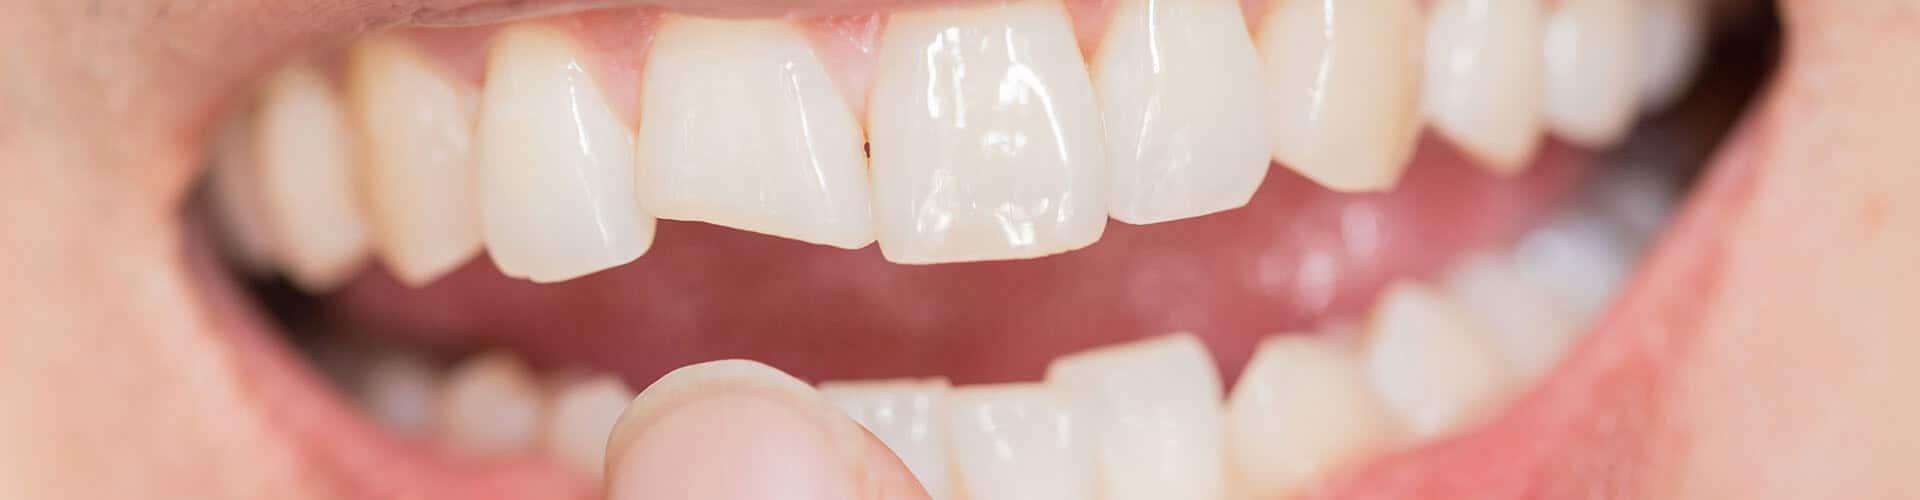 restaurações dentárias, restauração dentária, correção dentária